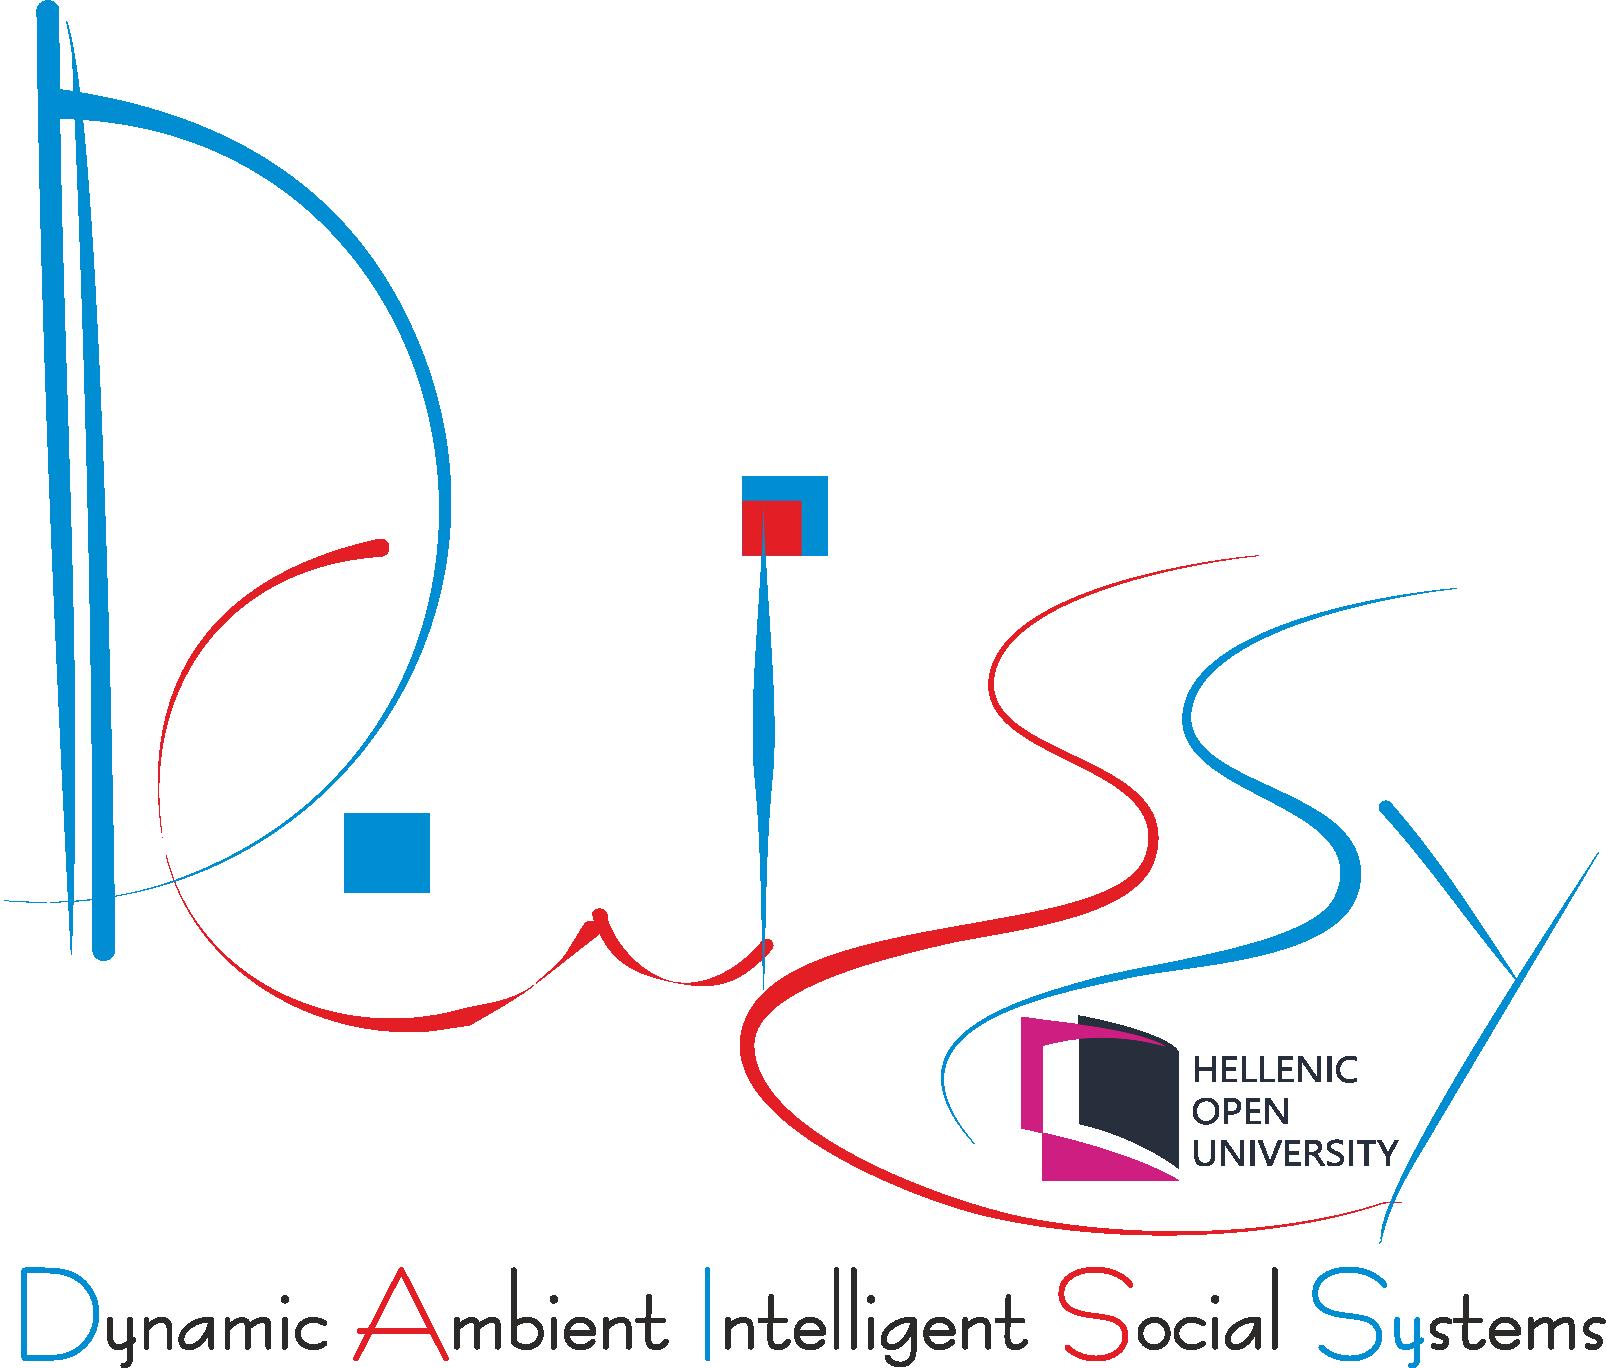 logo_DAISSy_EAP_lektiko reverse.png